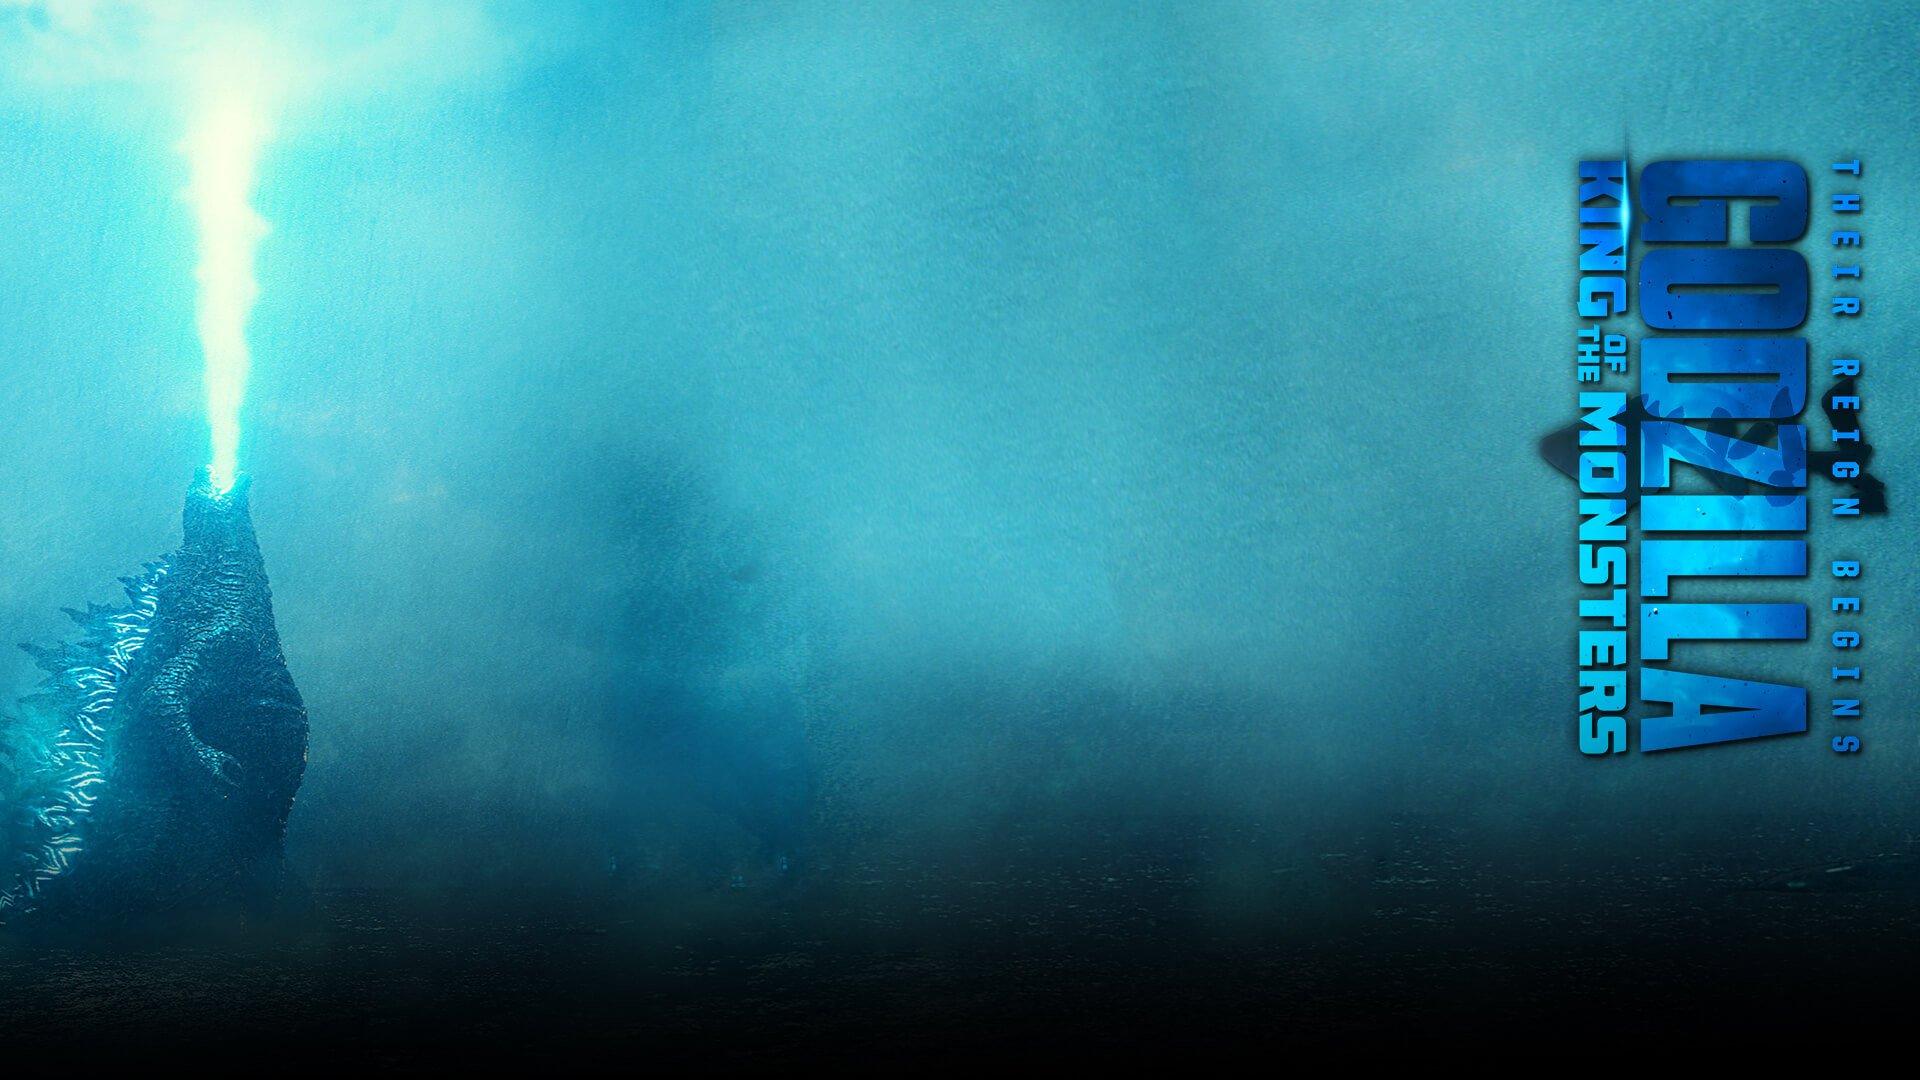 Godzilla1-dp.jpg.4b758f3f74be3a306d6ec64